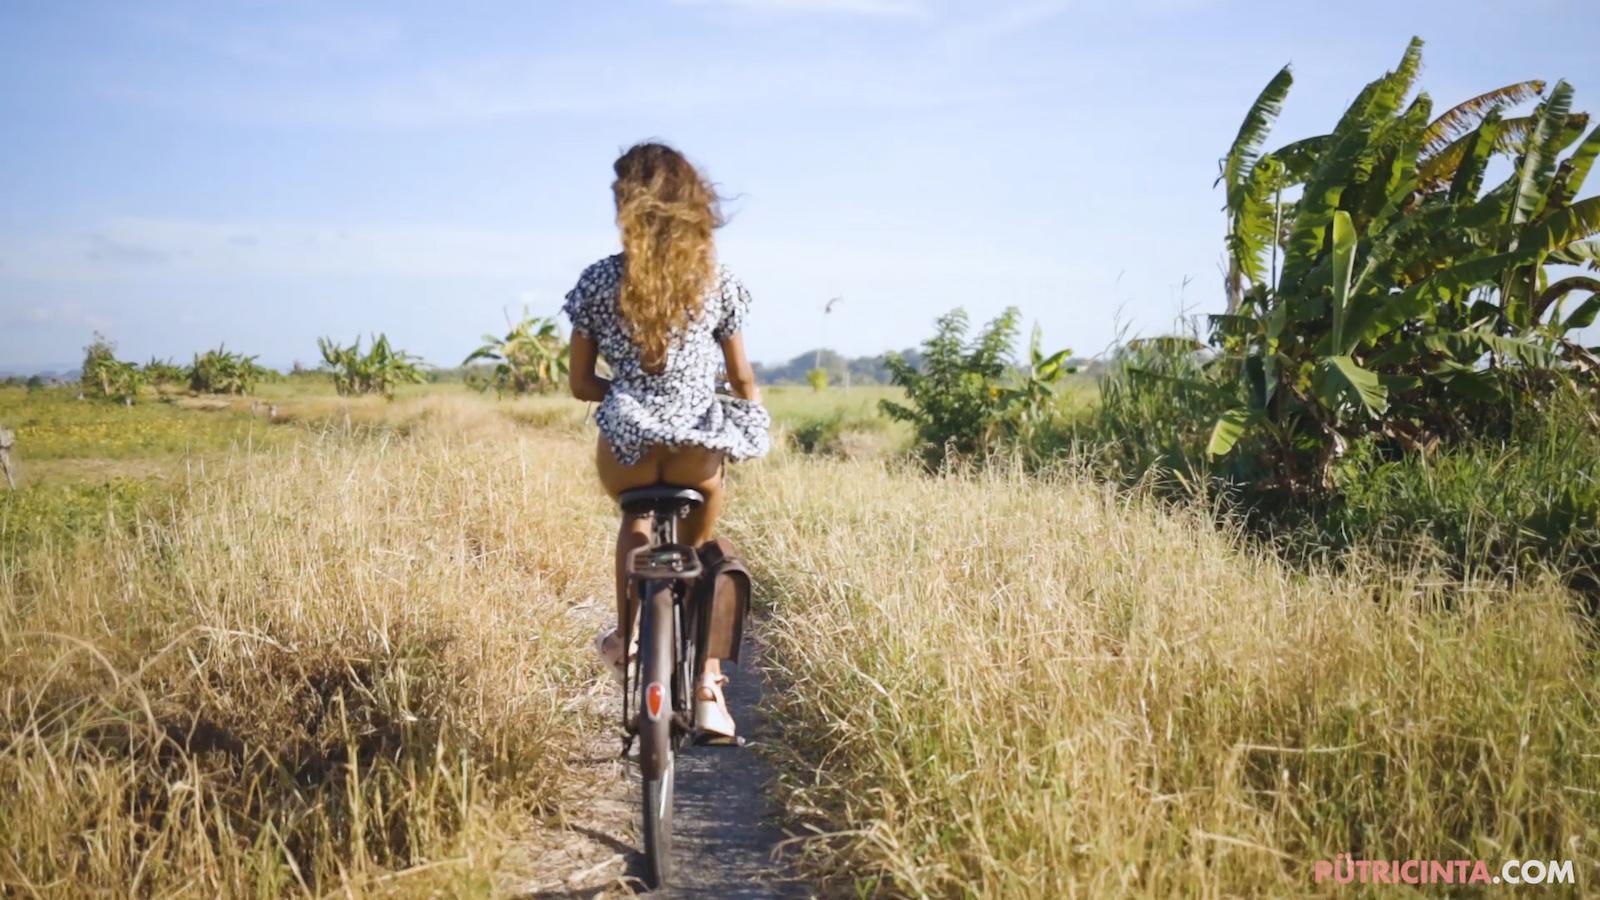 024-cyclingcommando-Putri-Cinta-Mainvid-stills-12.jpg